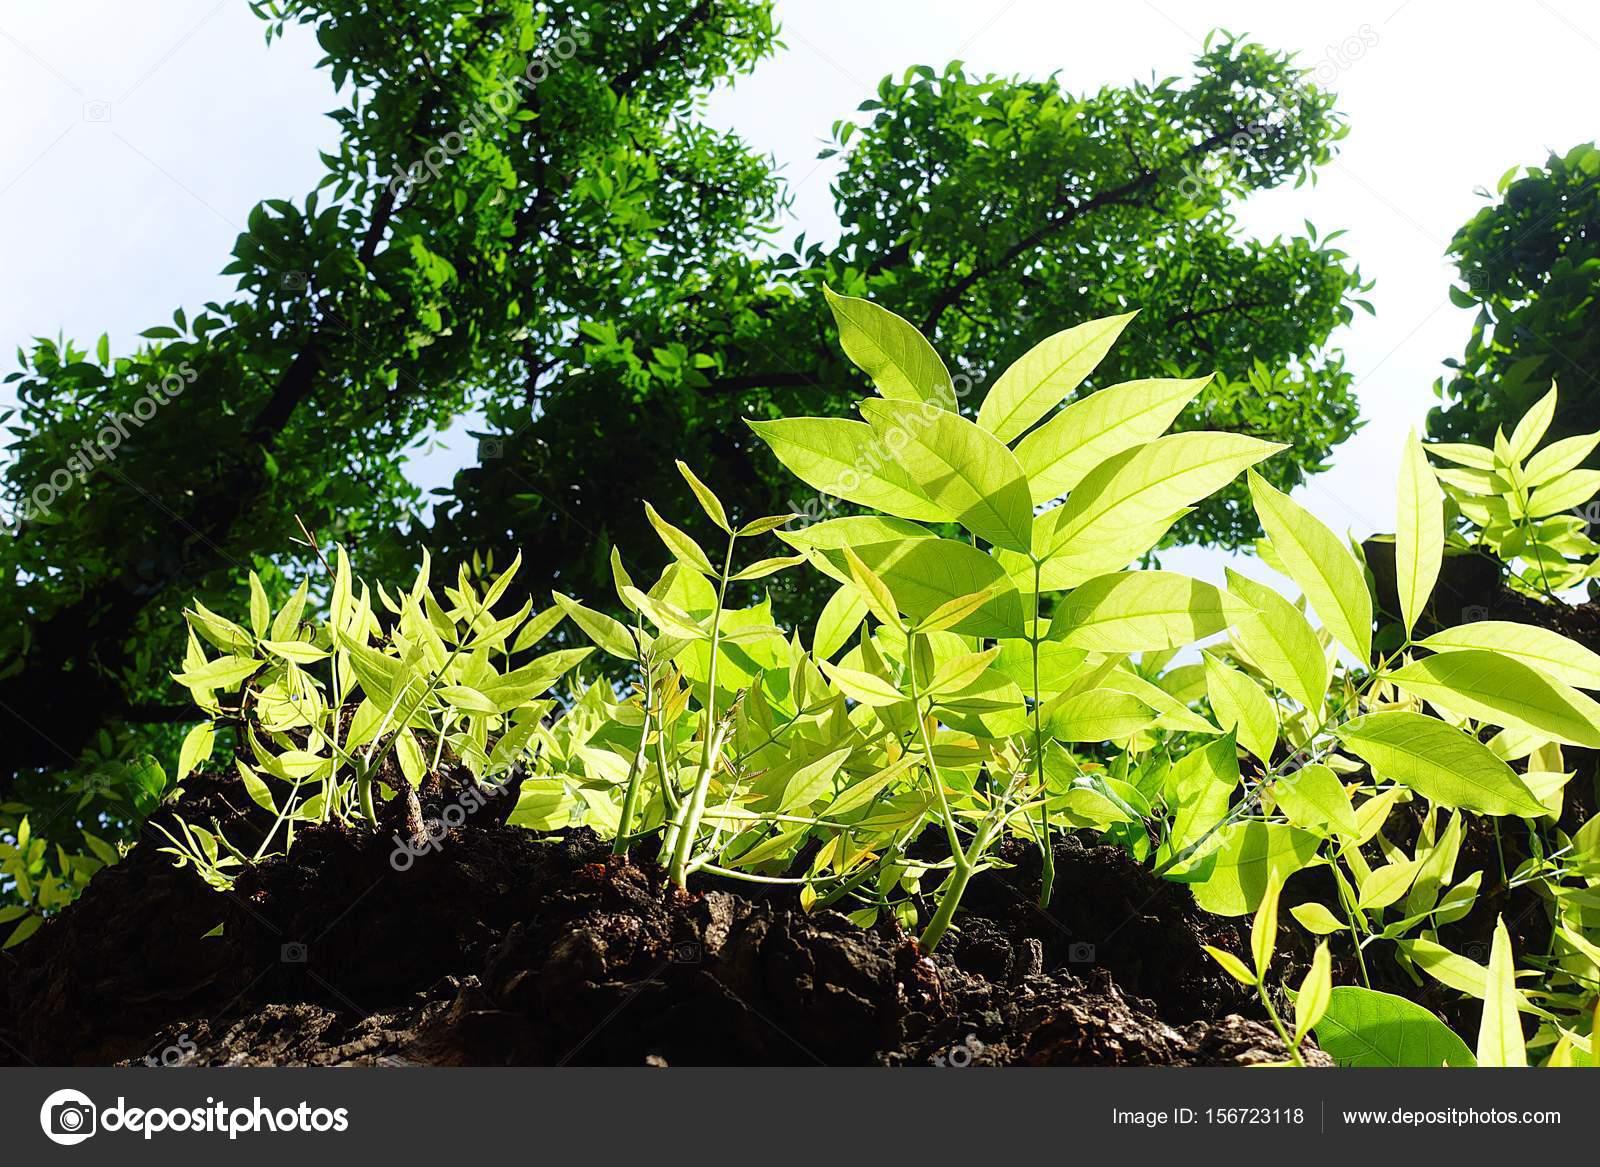 Mahagonibaum  Mahagoni-Baum Blatt grün Wald — Stockfoto © Mongpro #156723118